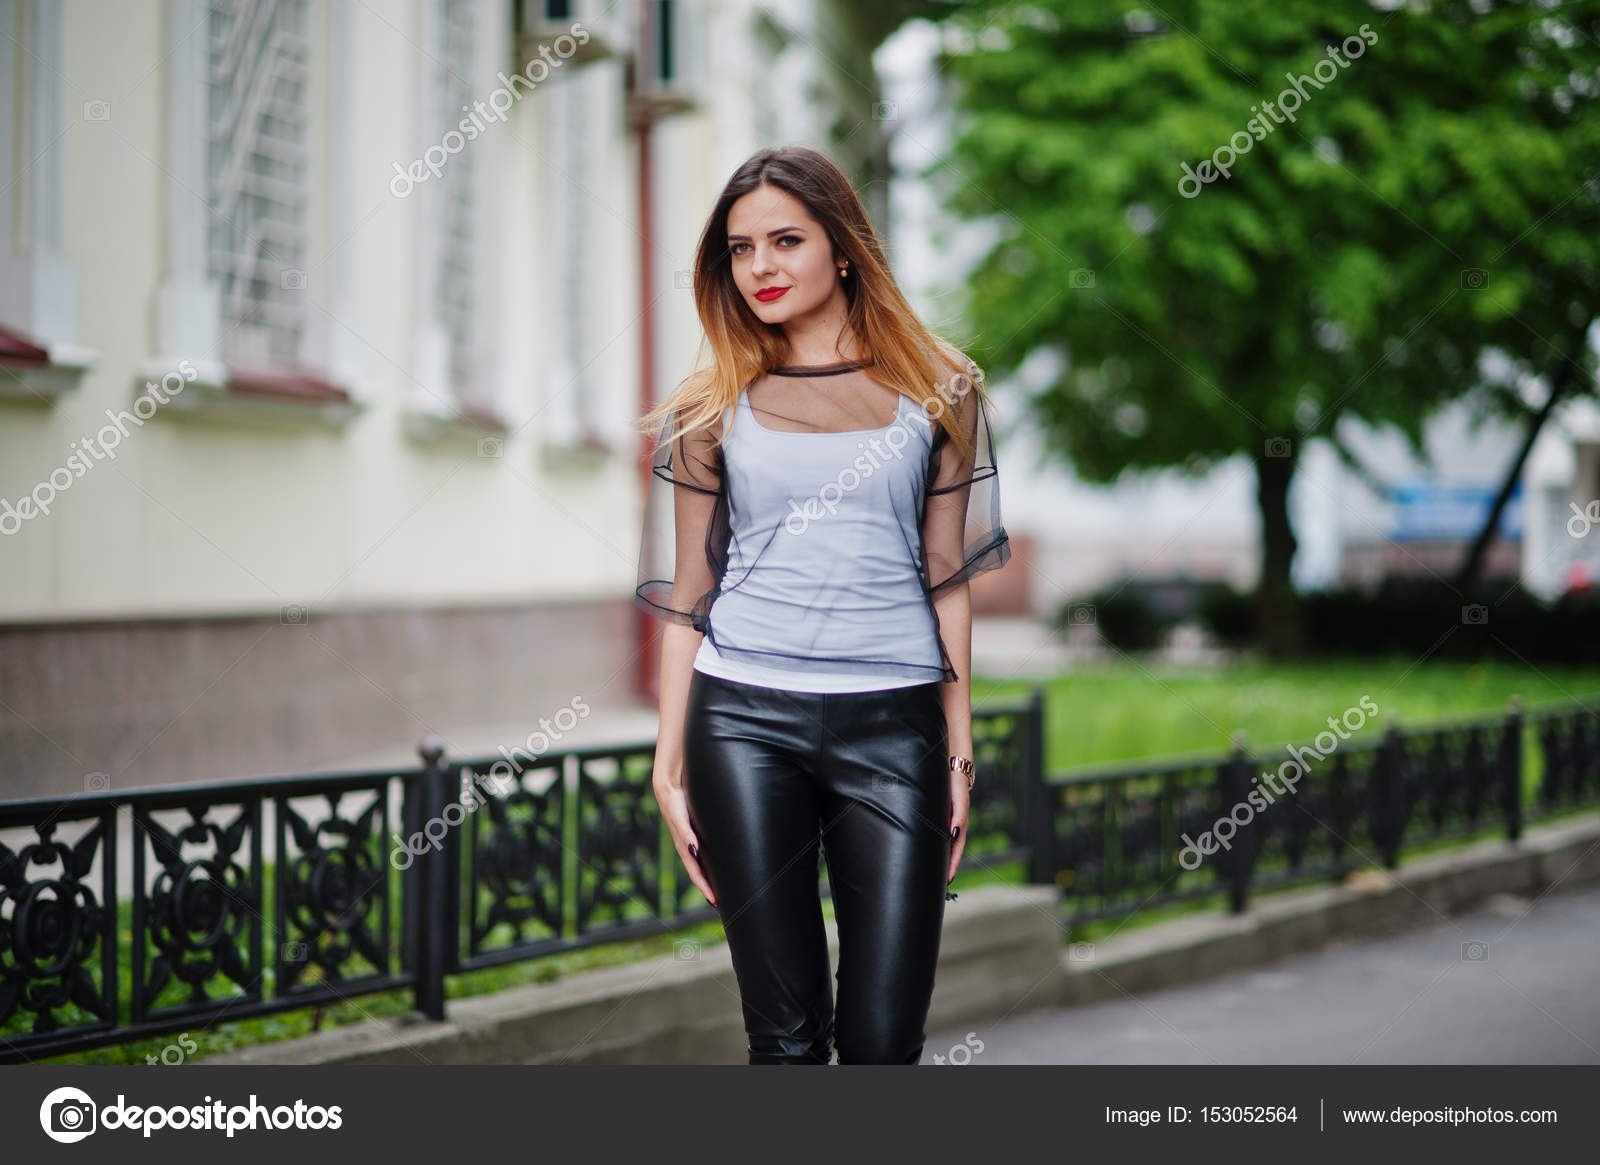 Слуцайные фото женшины на улице в прозрачной одежде, лучшая минетчица фото